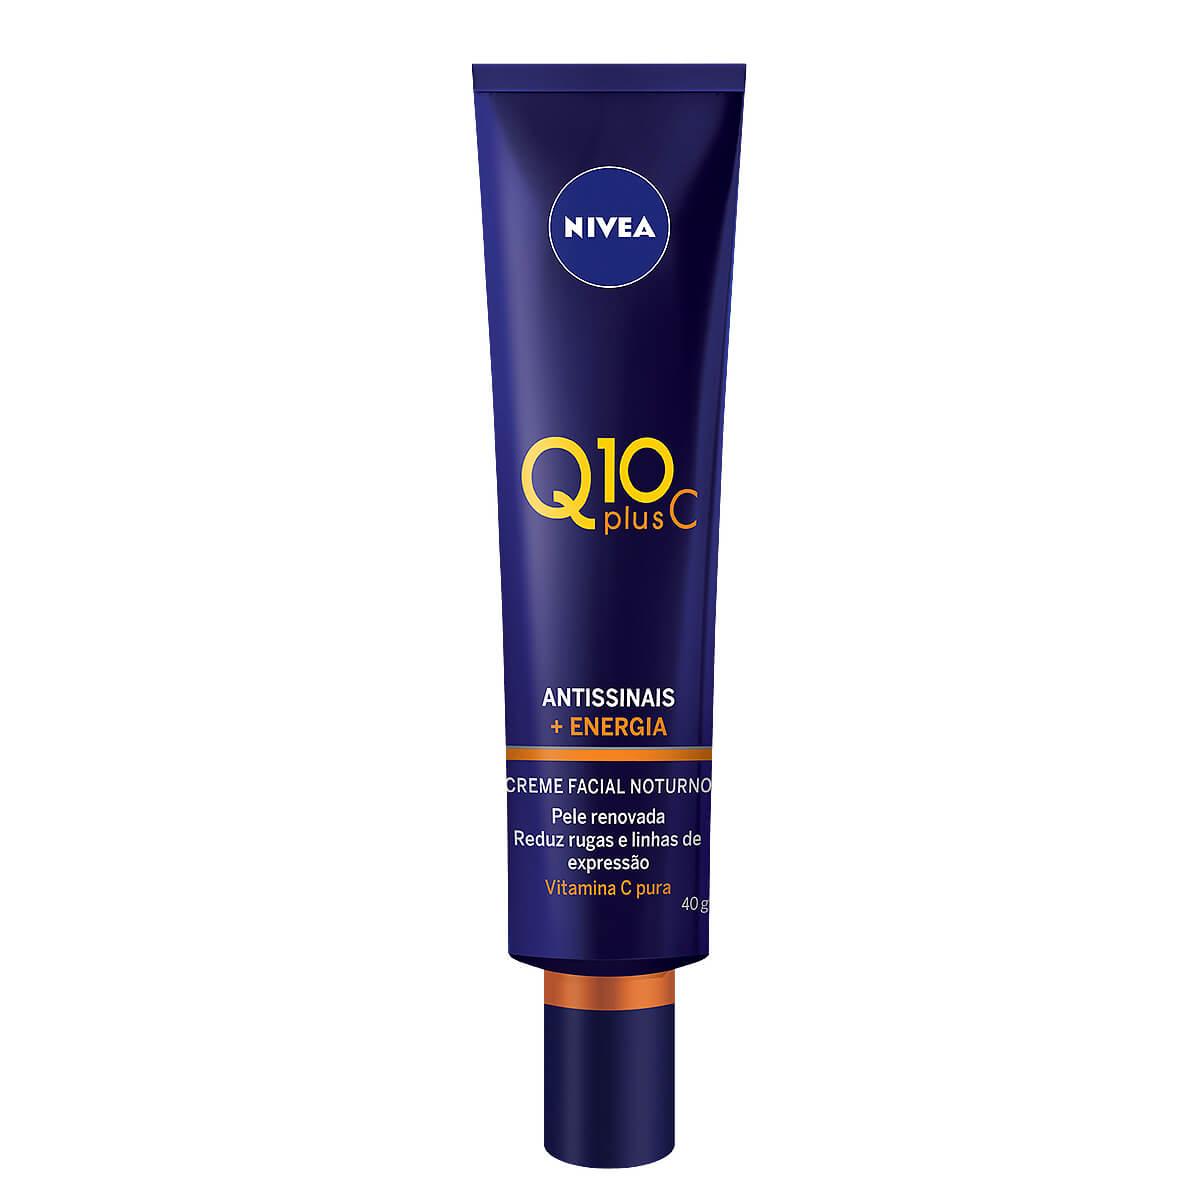 Creme Facial Noturno Antissinais Nivea Q10 Plus C com 40ml 40ml